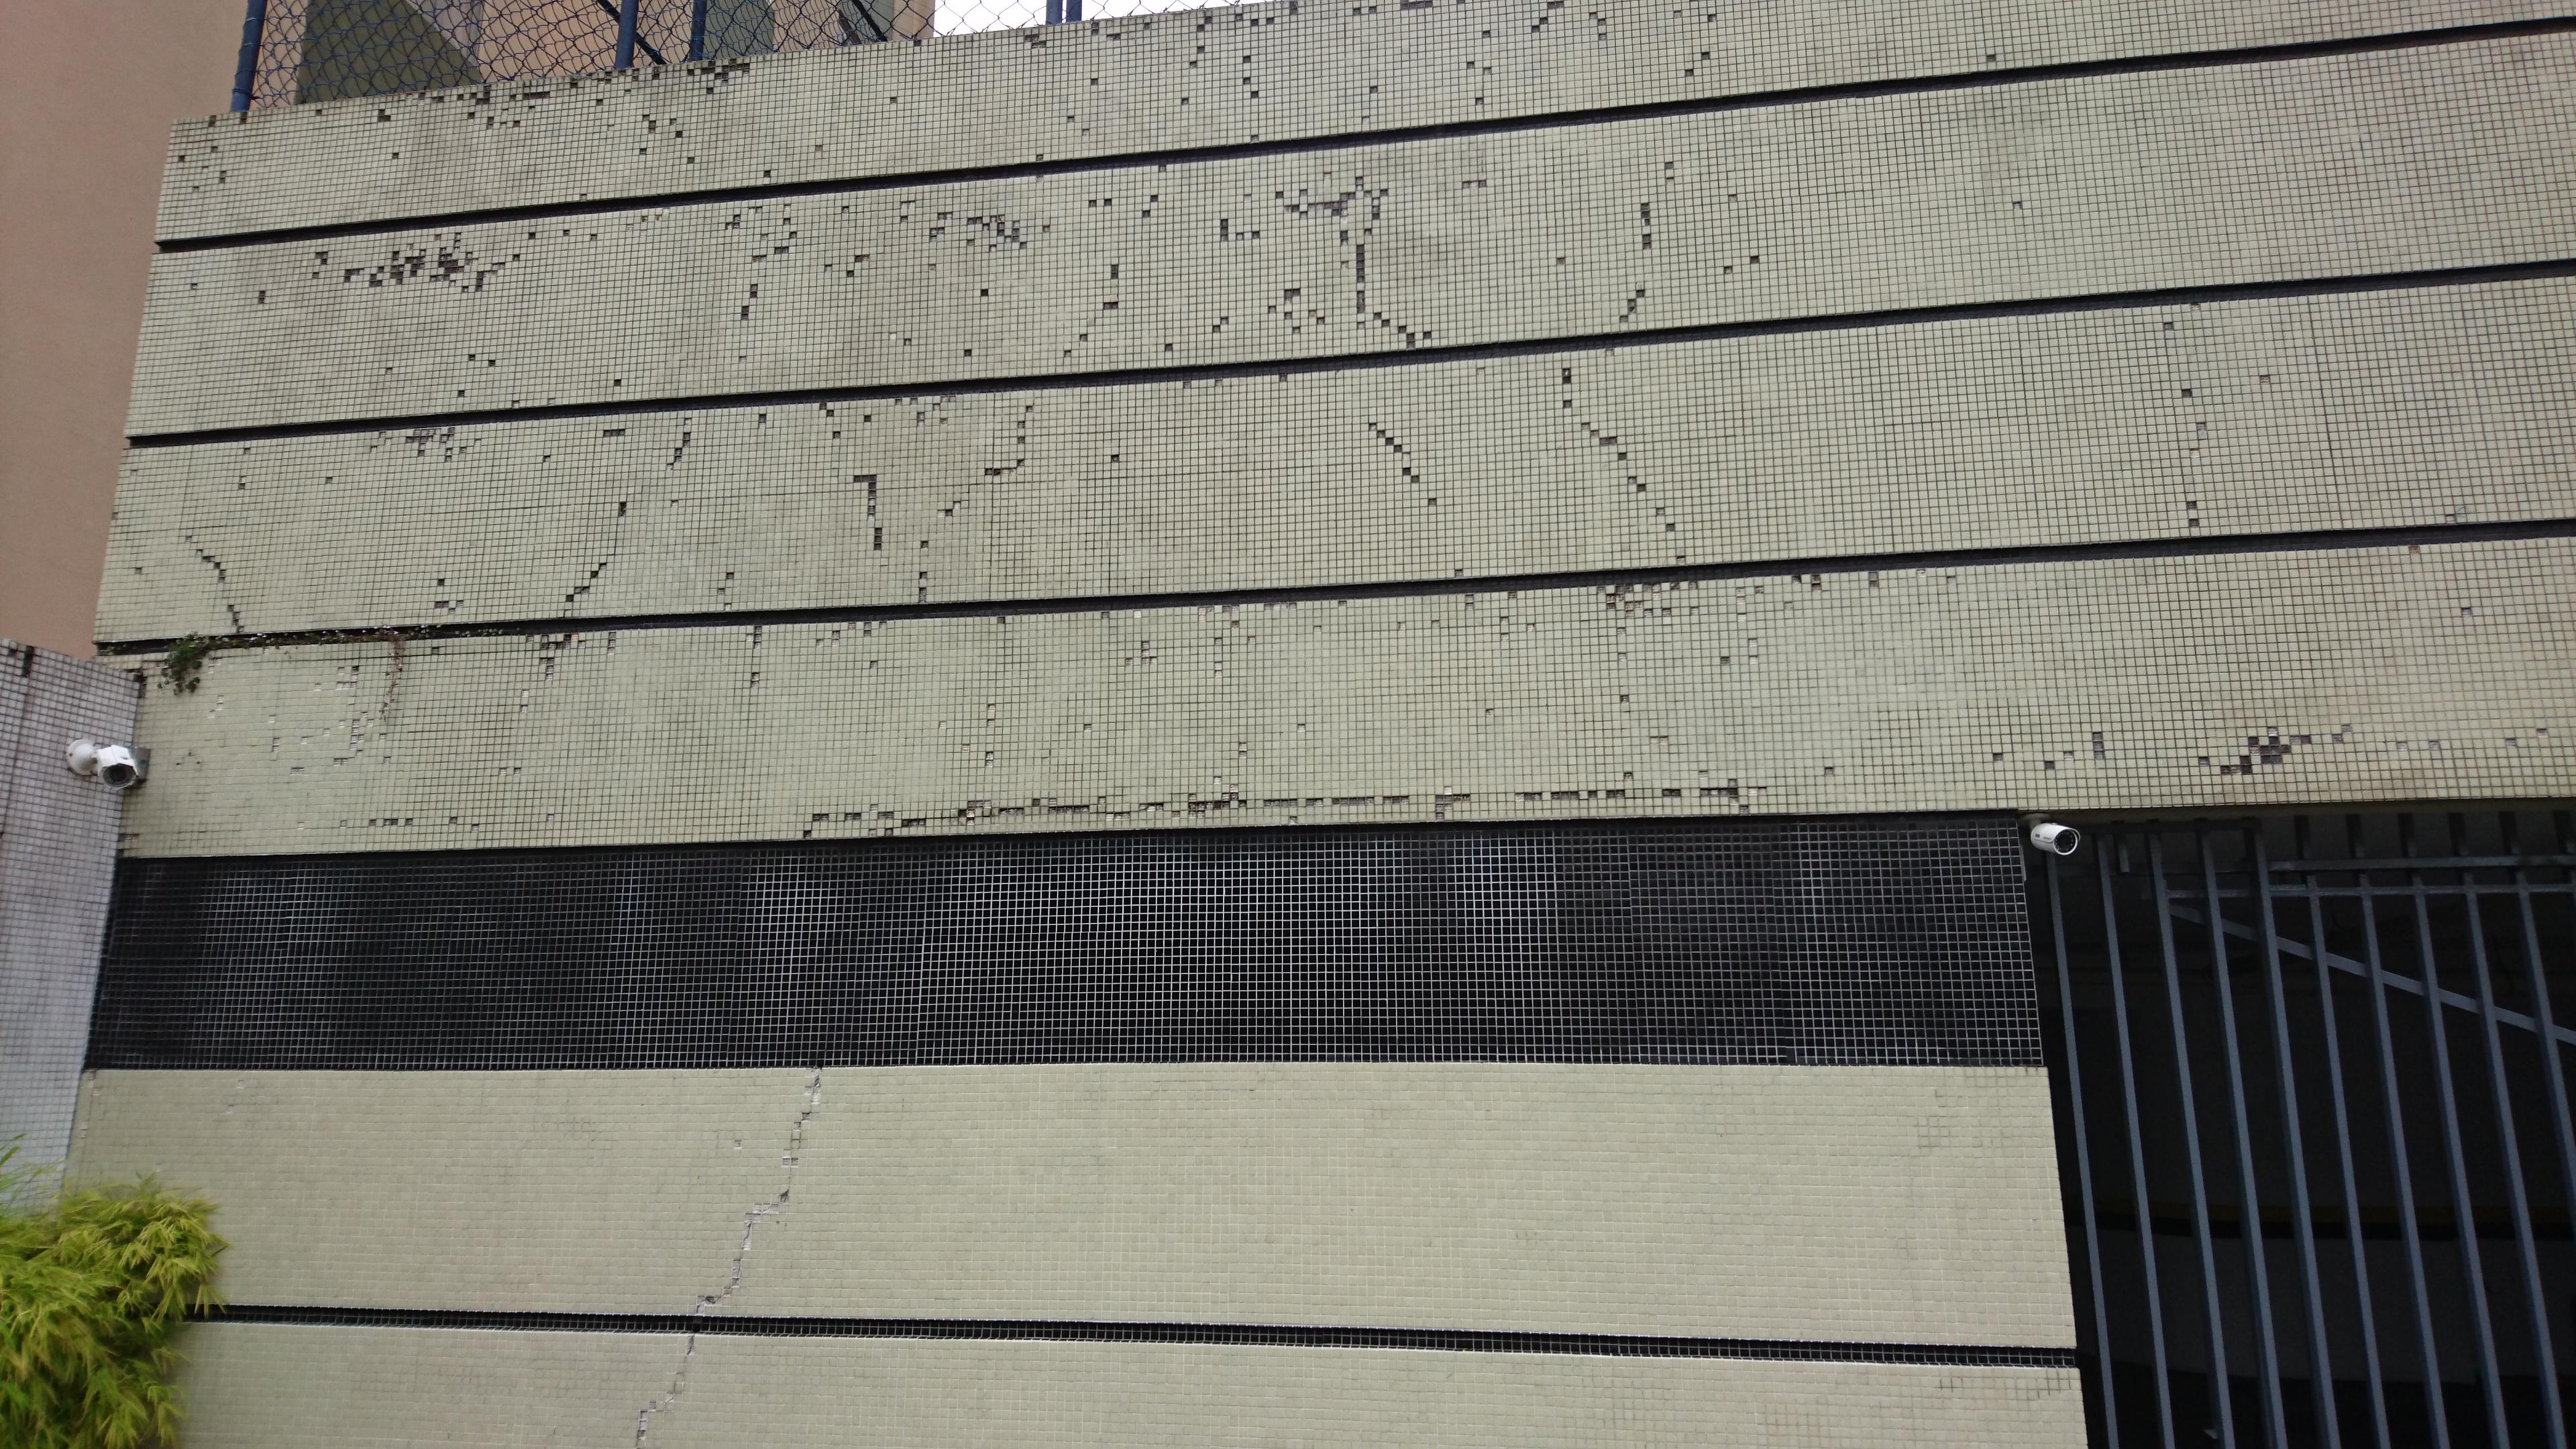 2_-_Manutenção_Predial_Edifício_Joan_Mir